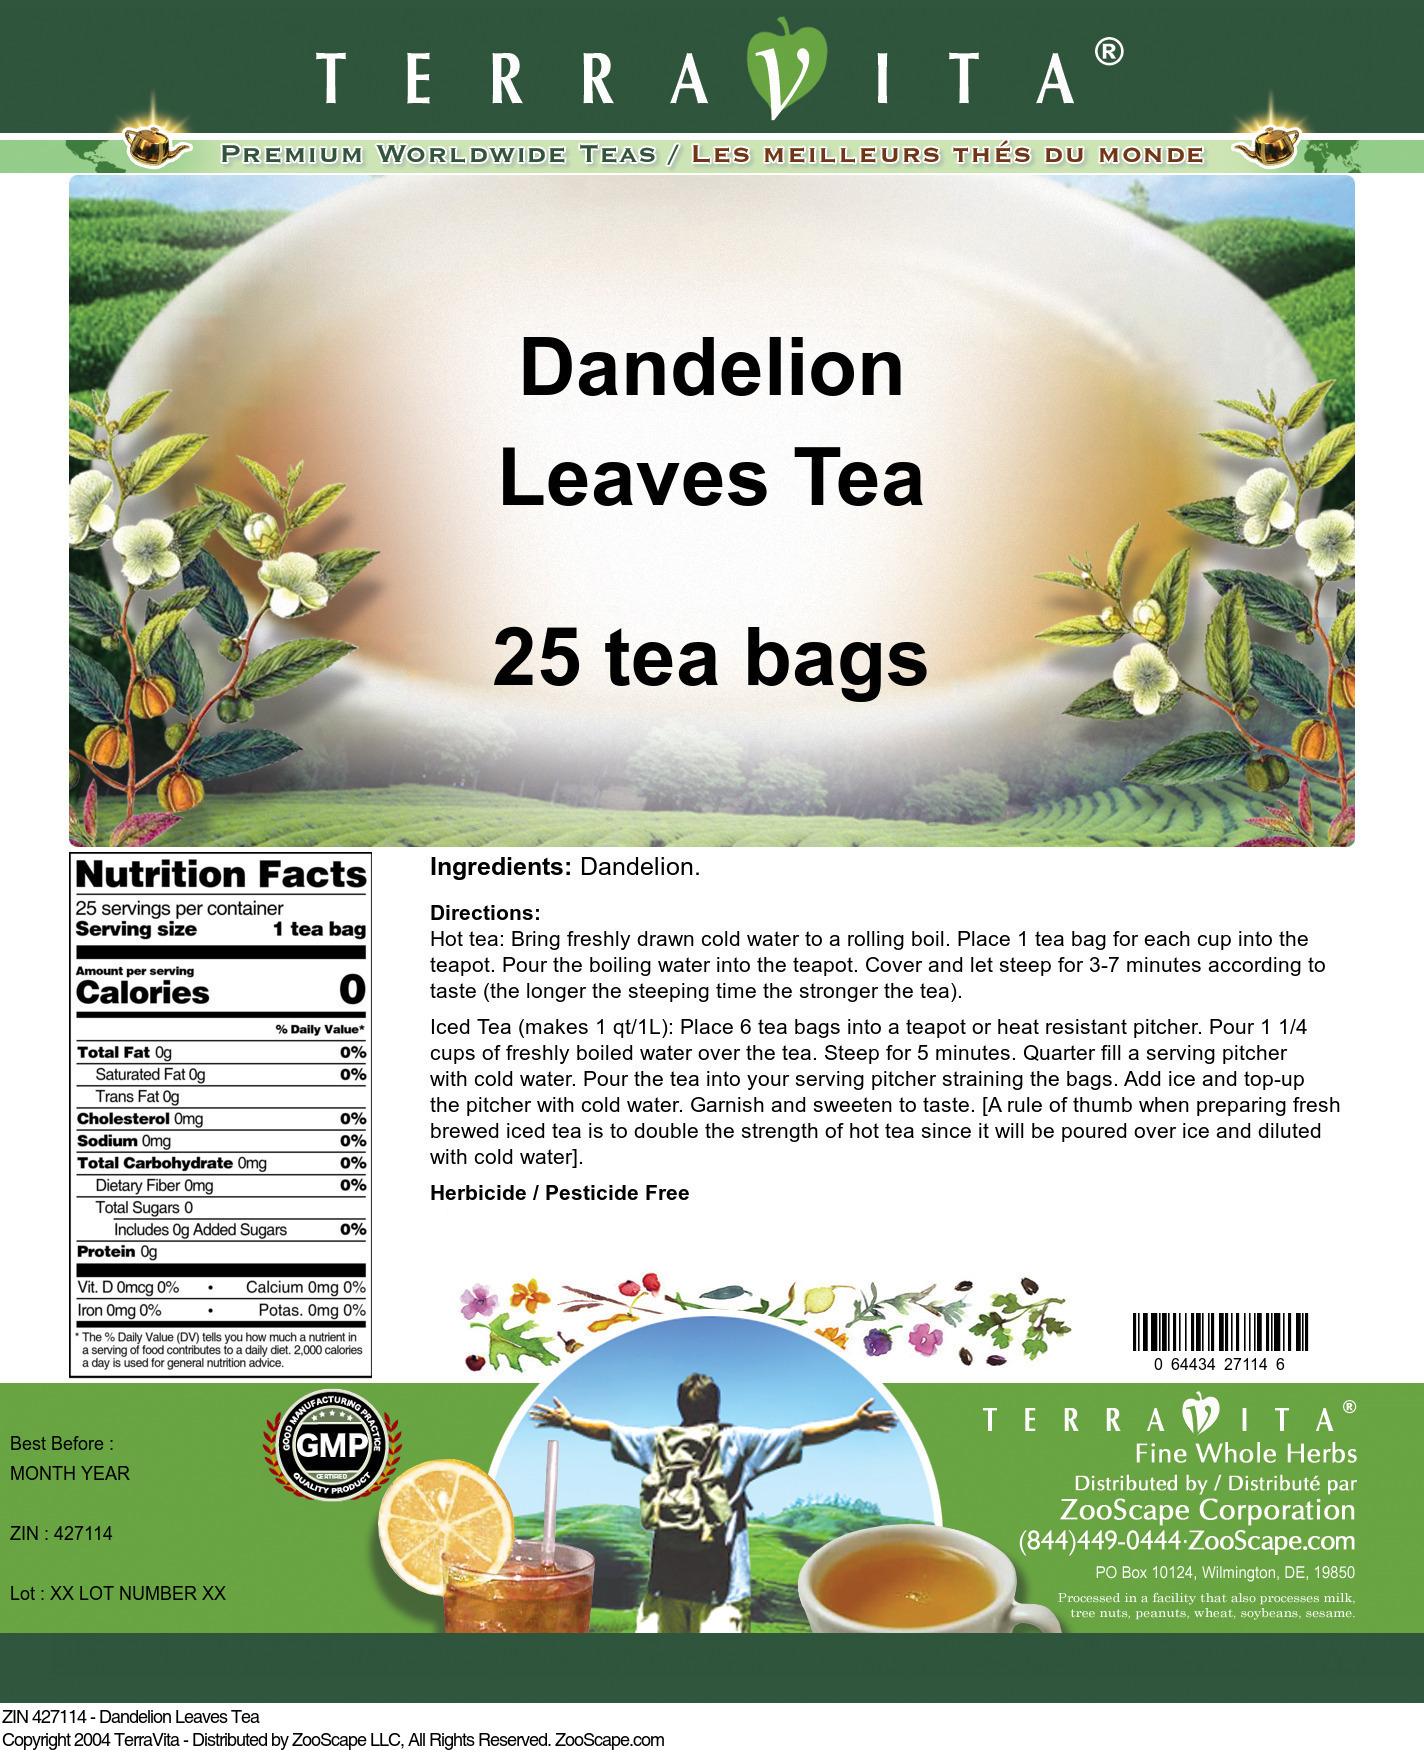 Dandelion Leaves Tea